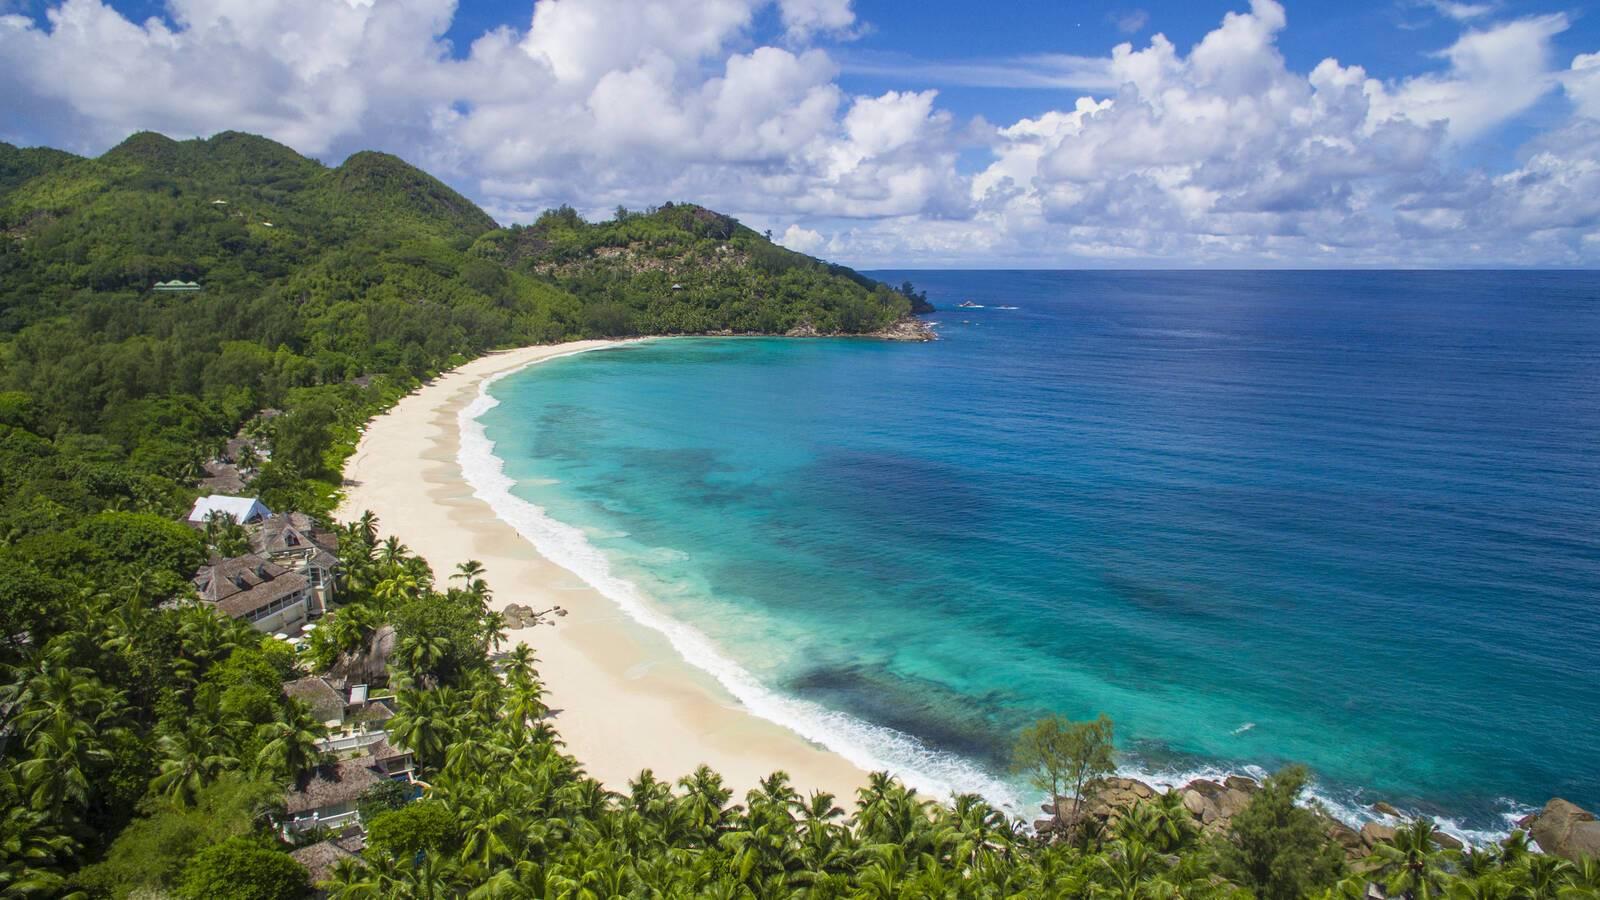 Banyan Tree Plage Vue Aerienne Seychelles